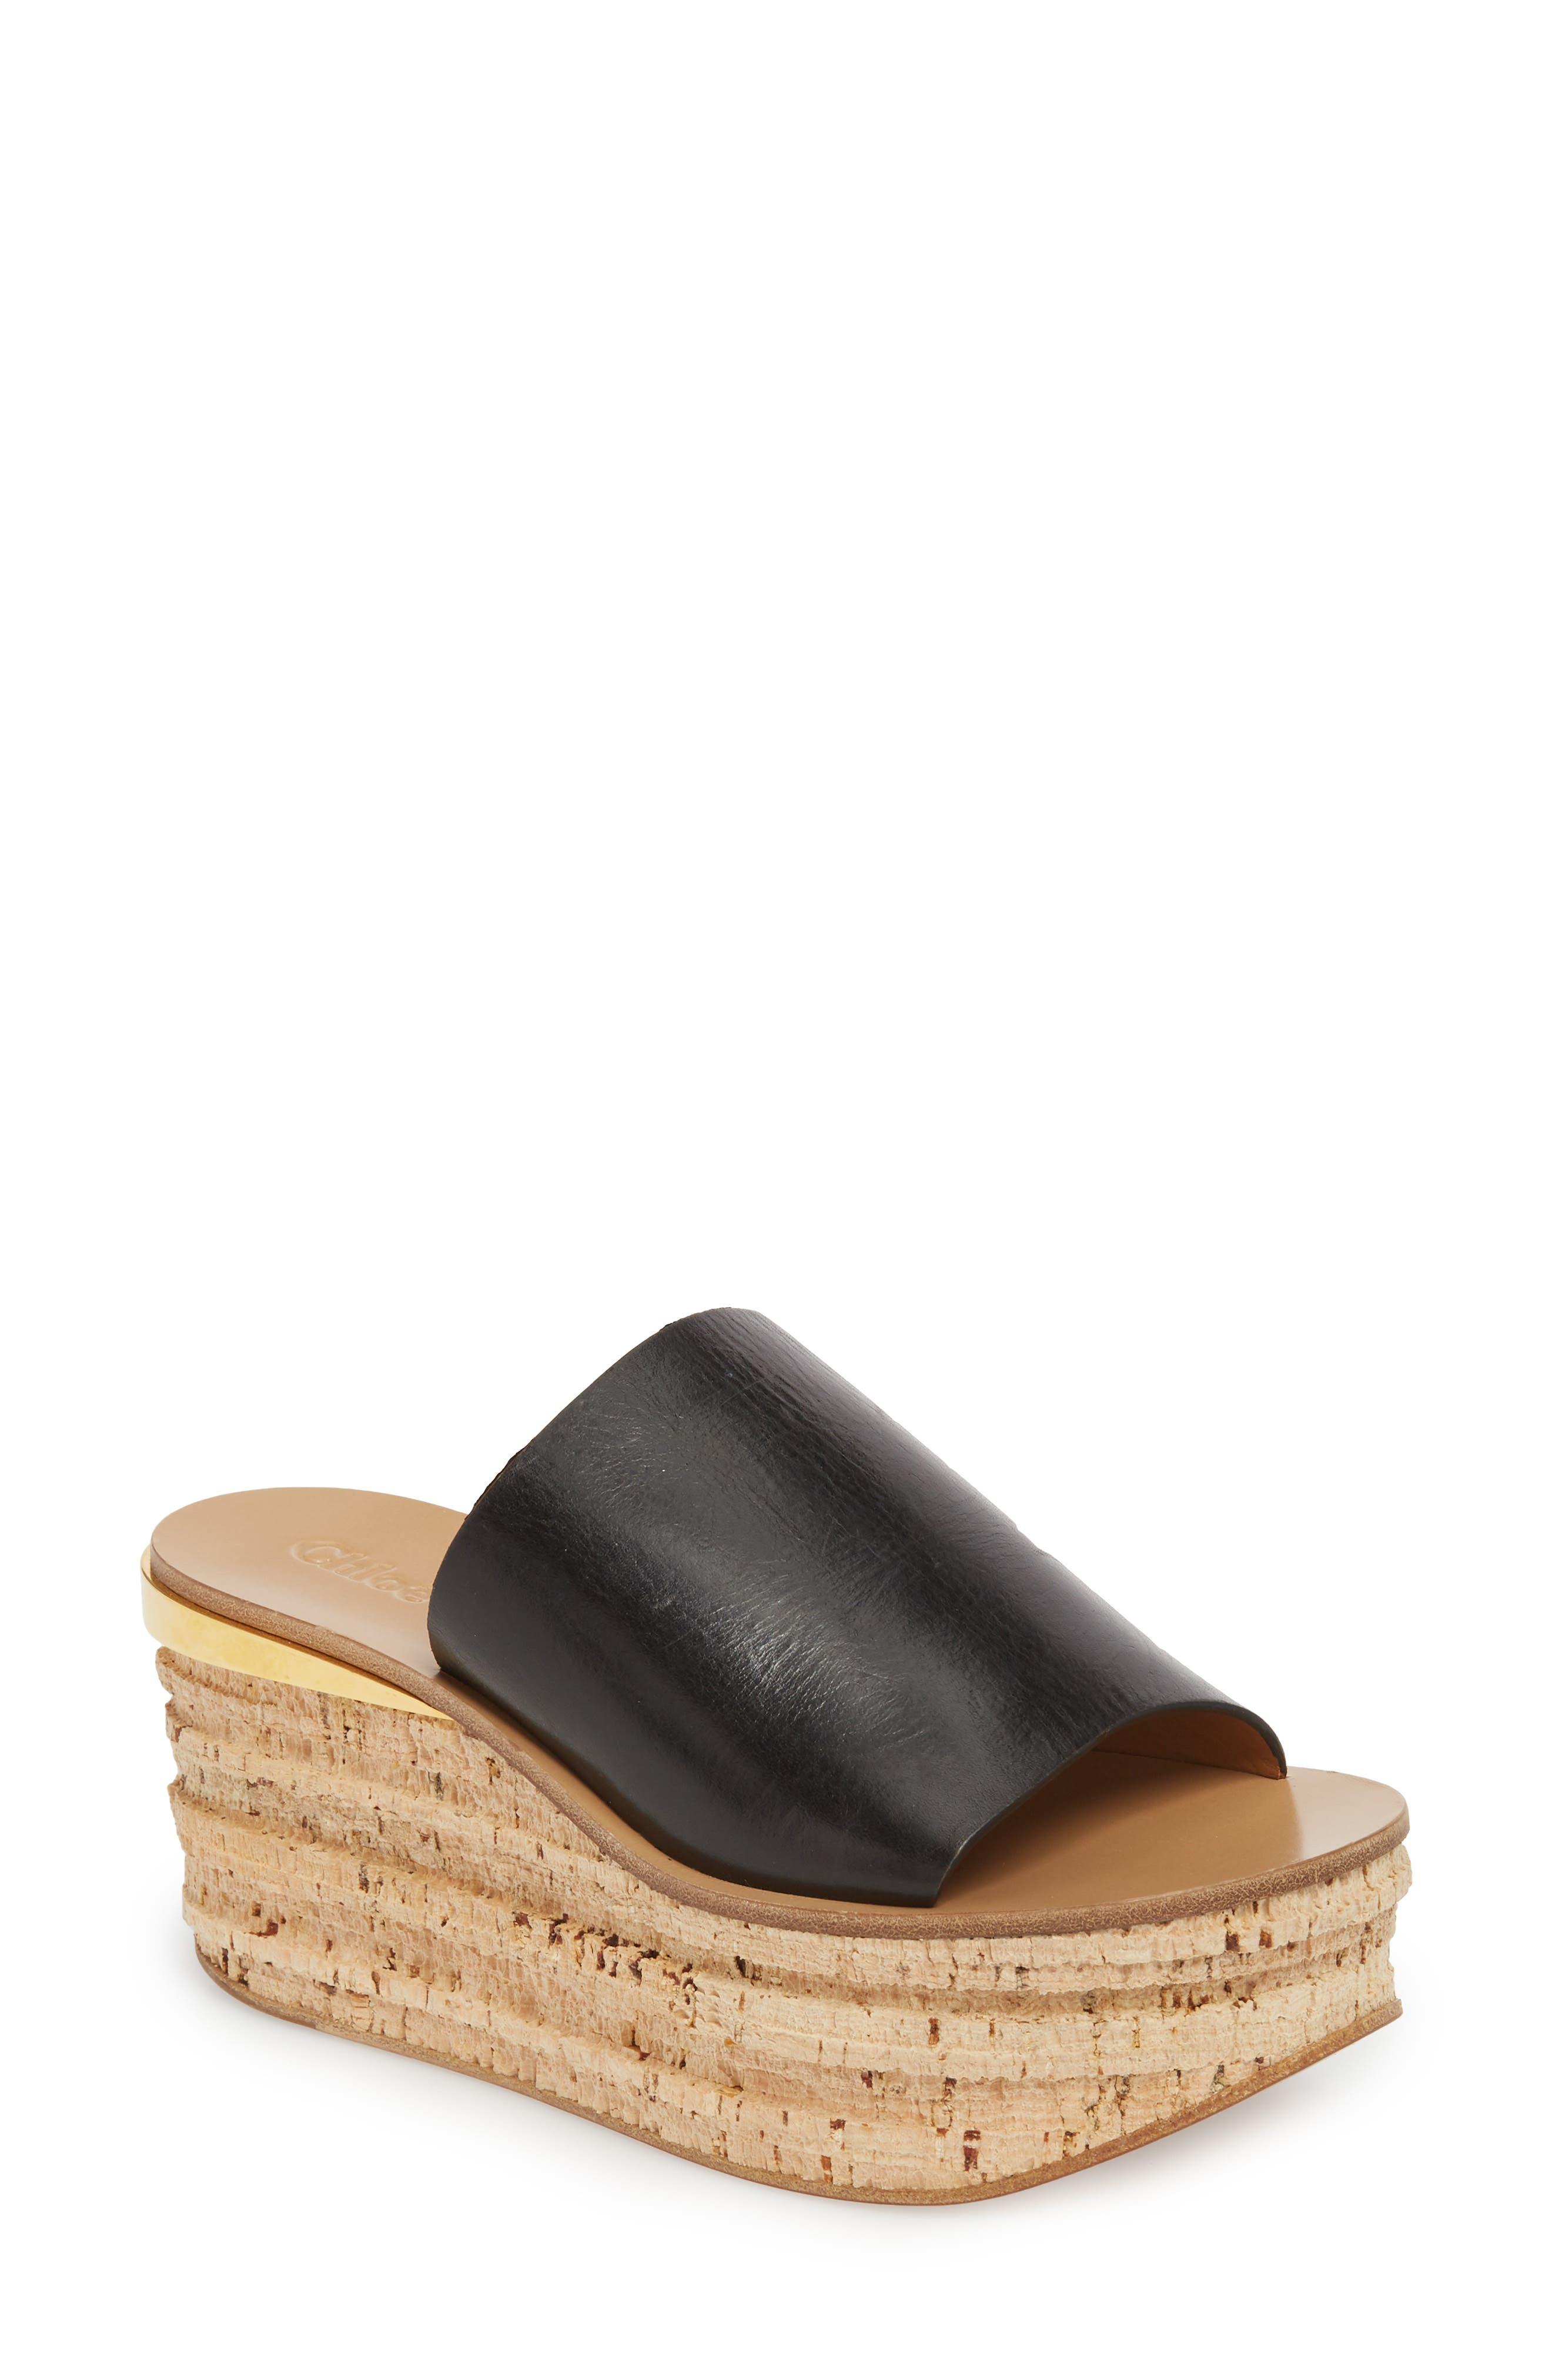 CHLOÉ, Camille Cork Platform Sandal, Main thumbnail 1, color, BLACK